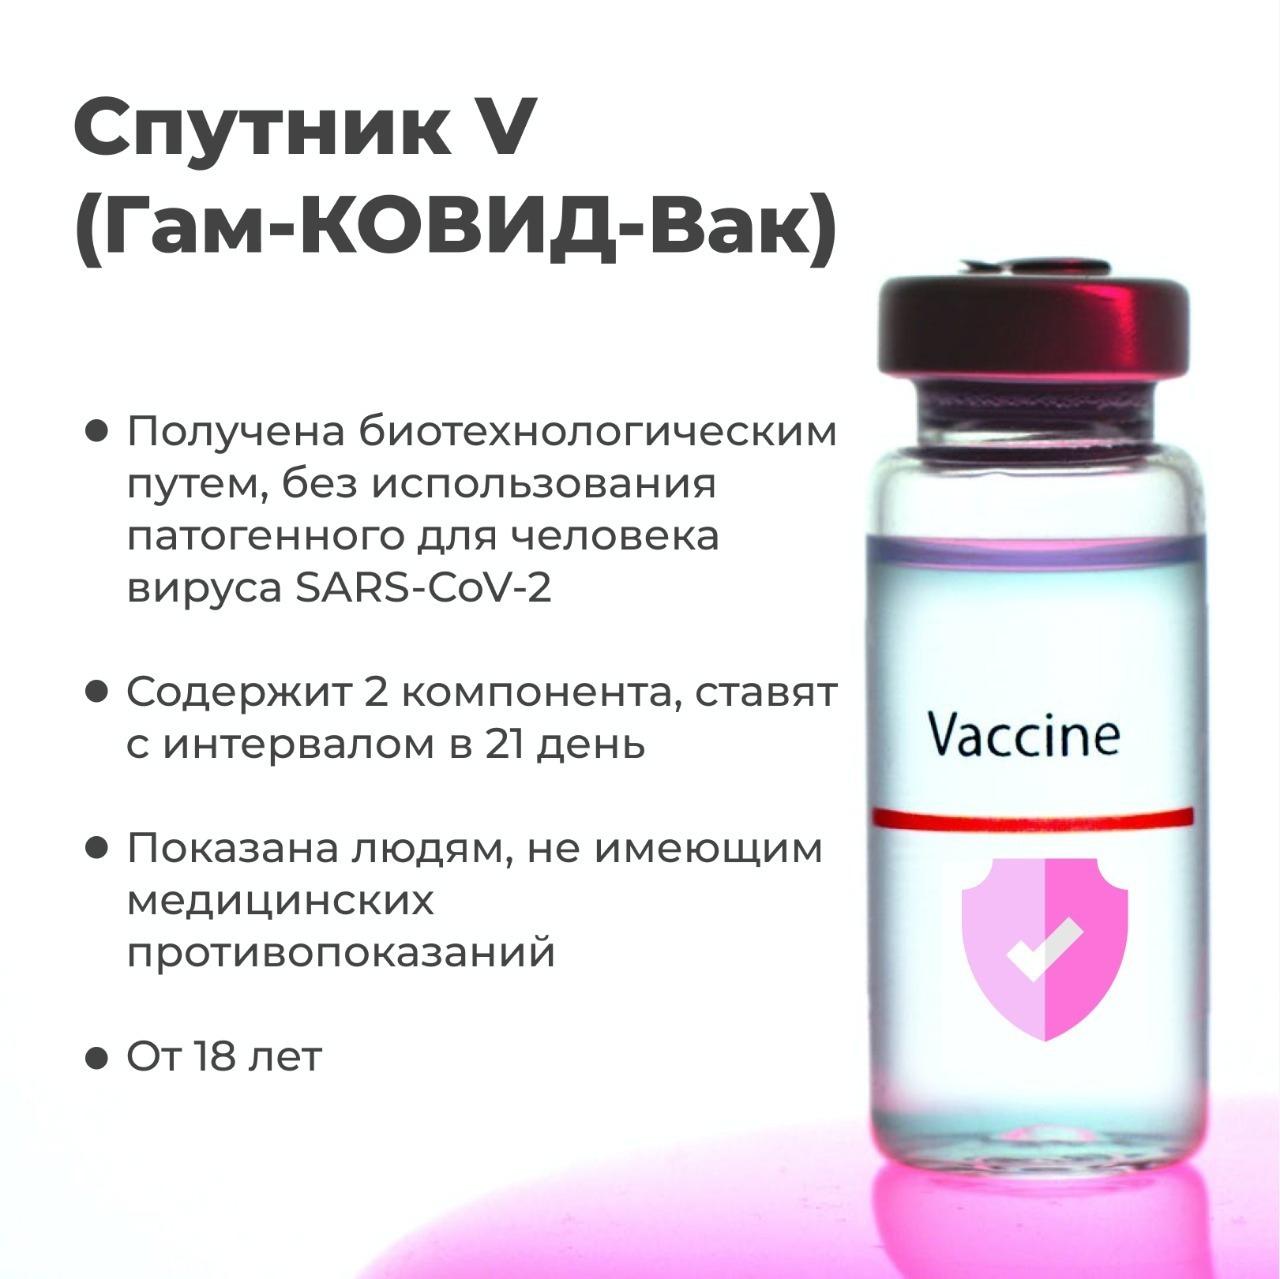 Чем отличаются вакцины от коронавируса друг от